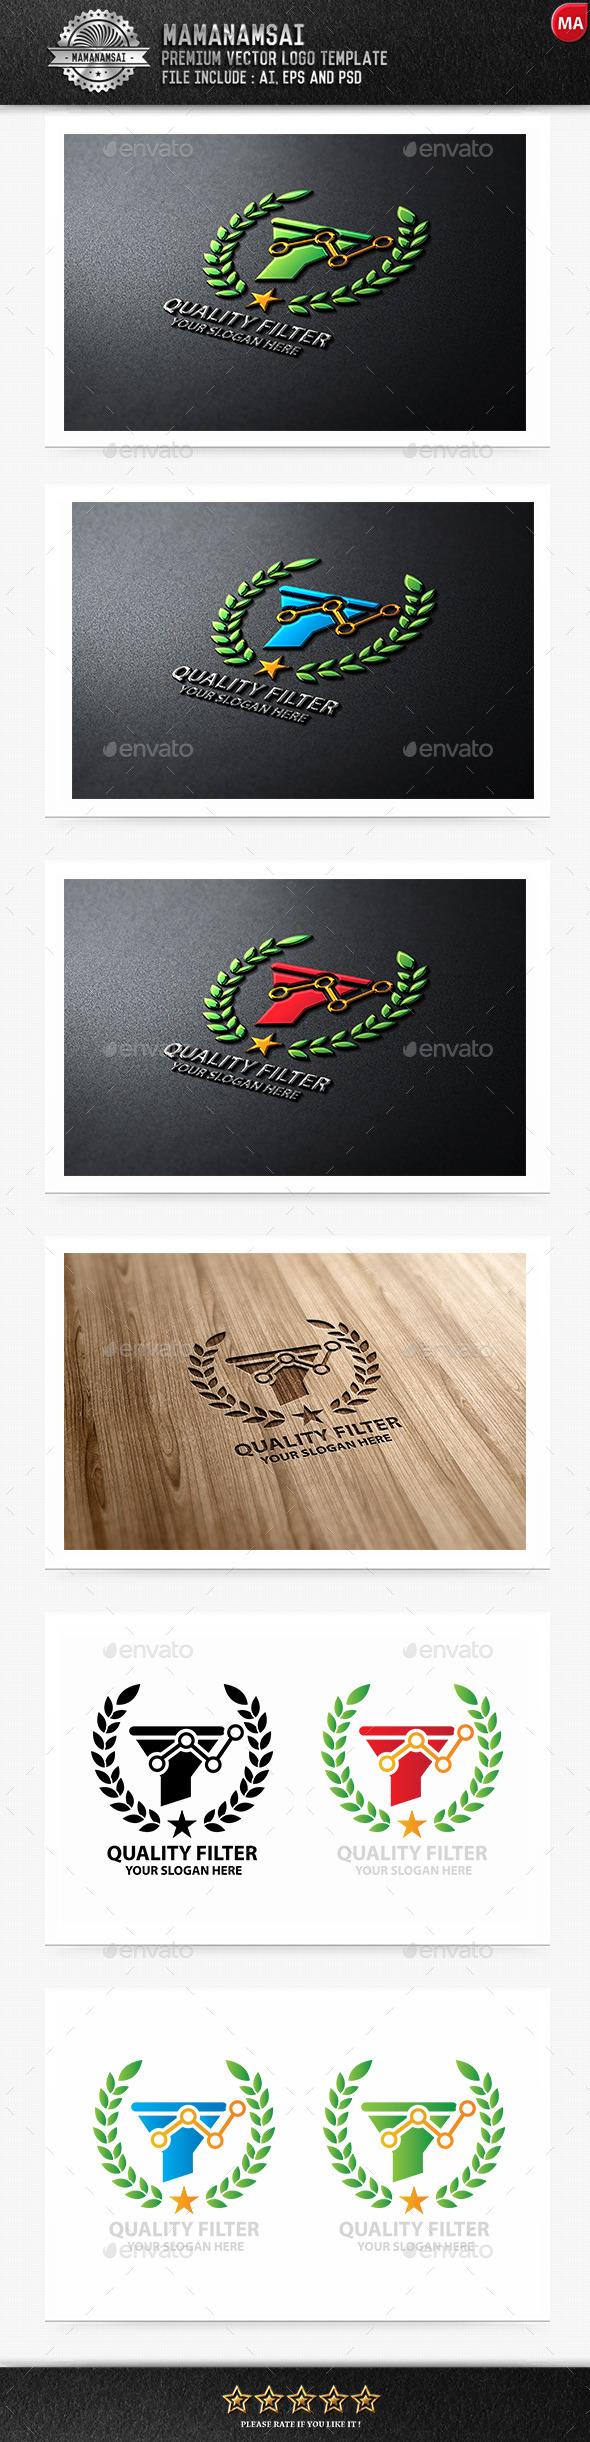 GraphicRiver Quality Filter Logo 9879543